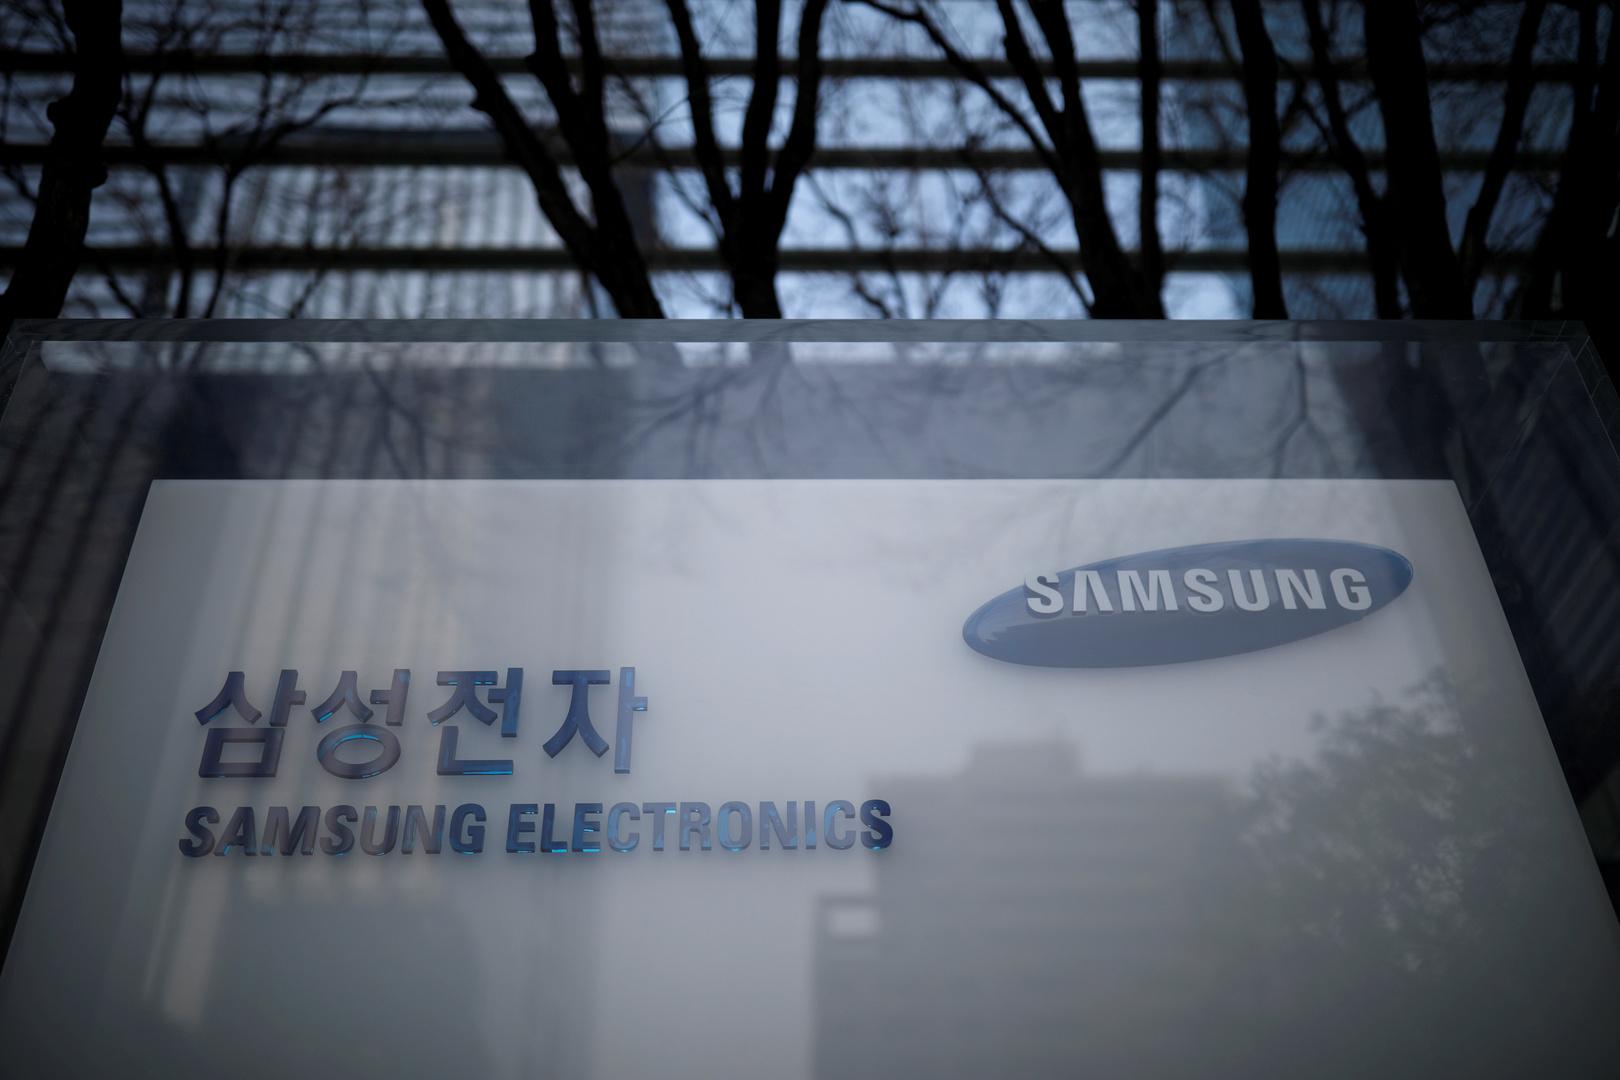 شركة سامسونغ الكترو- ميكانيكس تبتكر أصغر محث طاقة في العالم